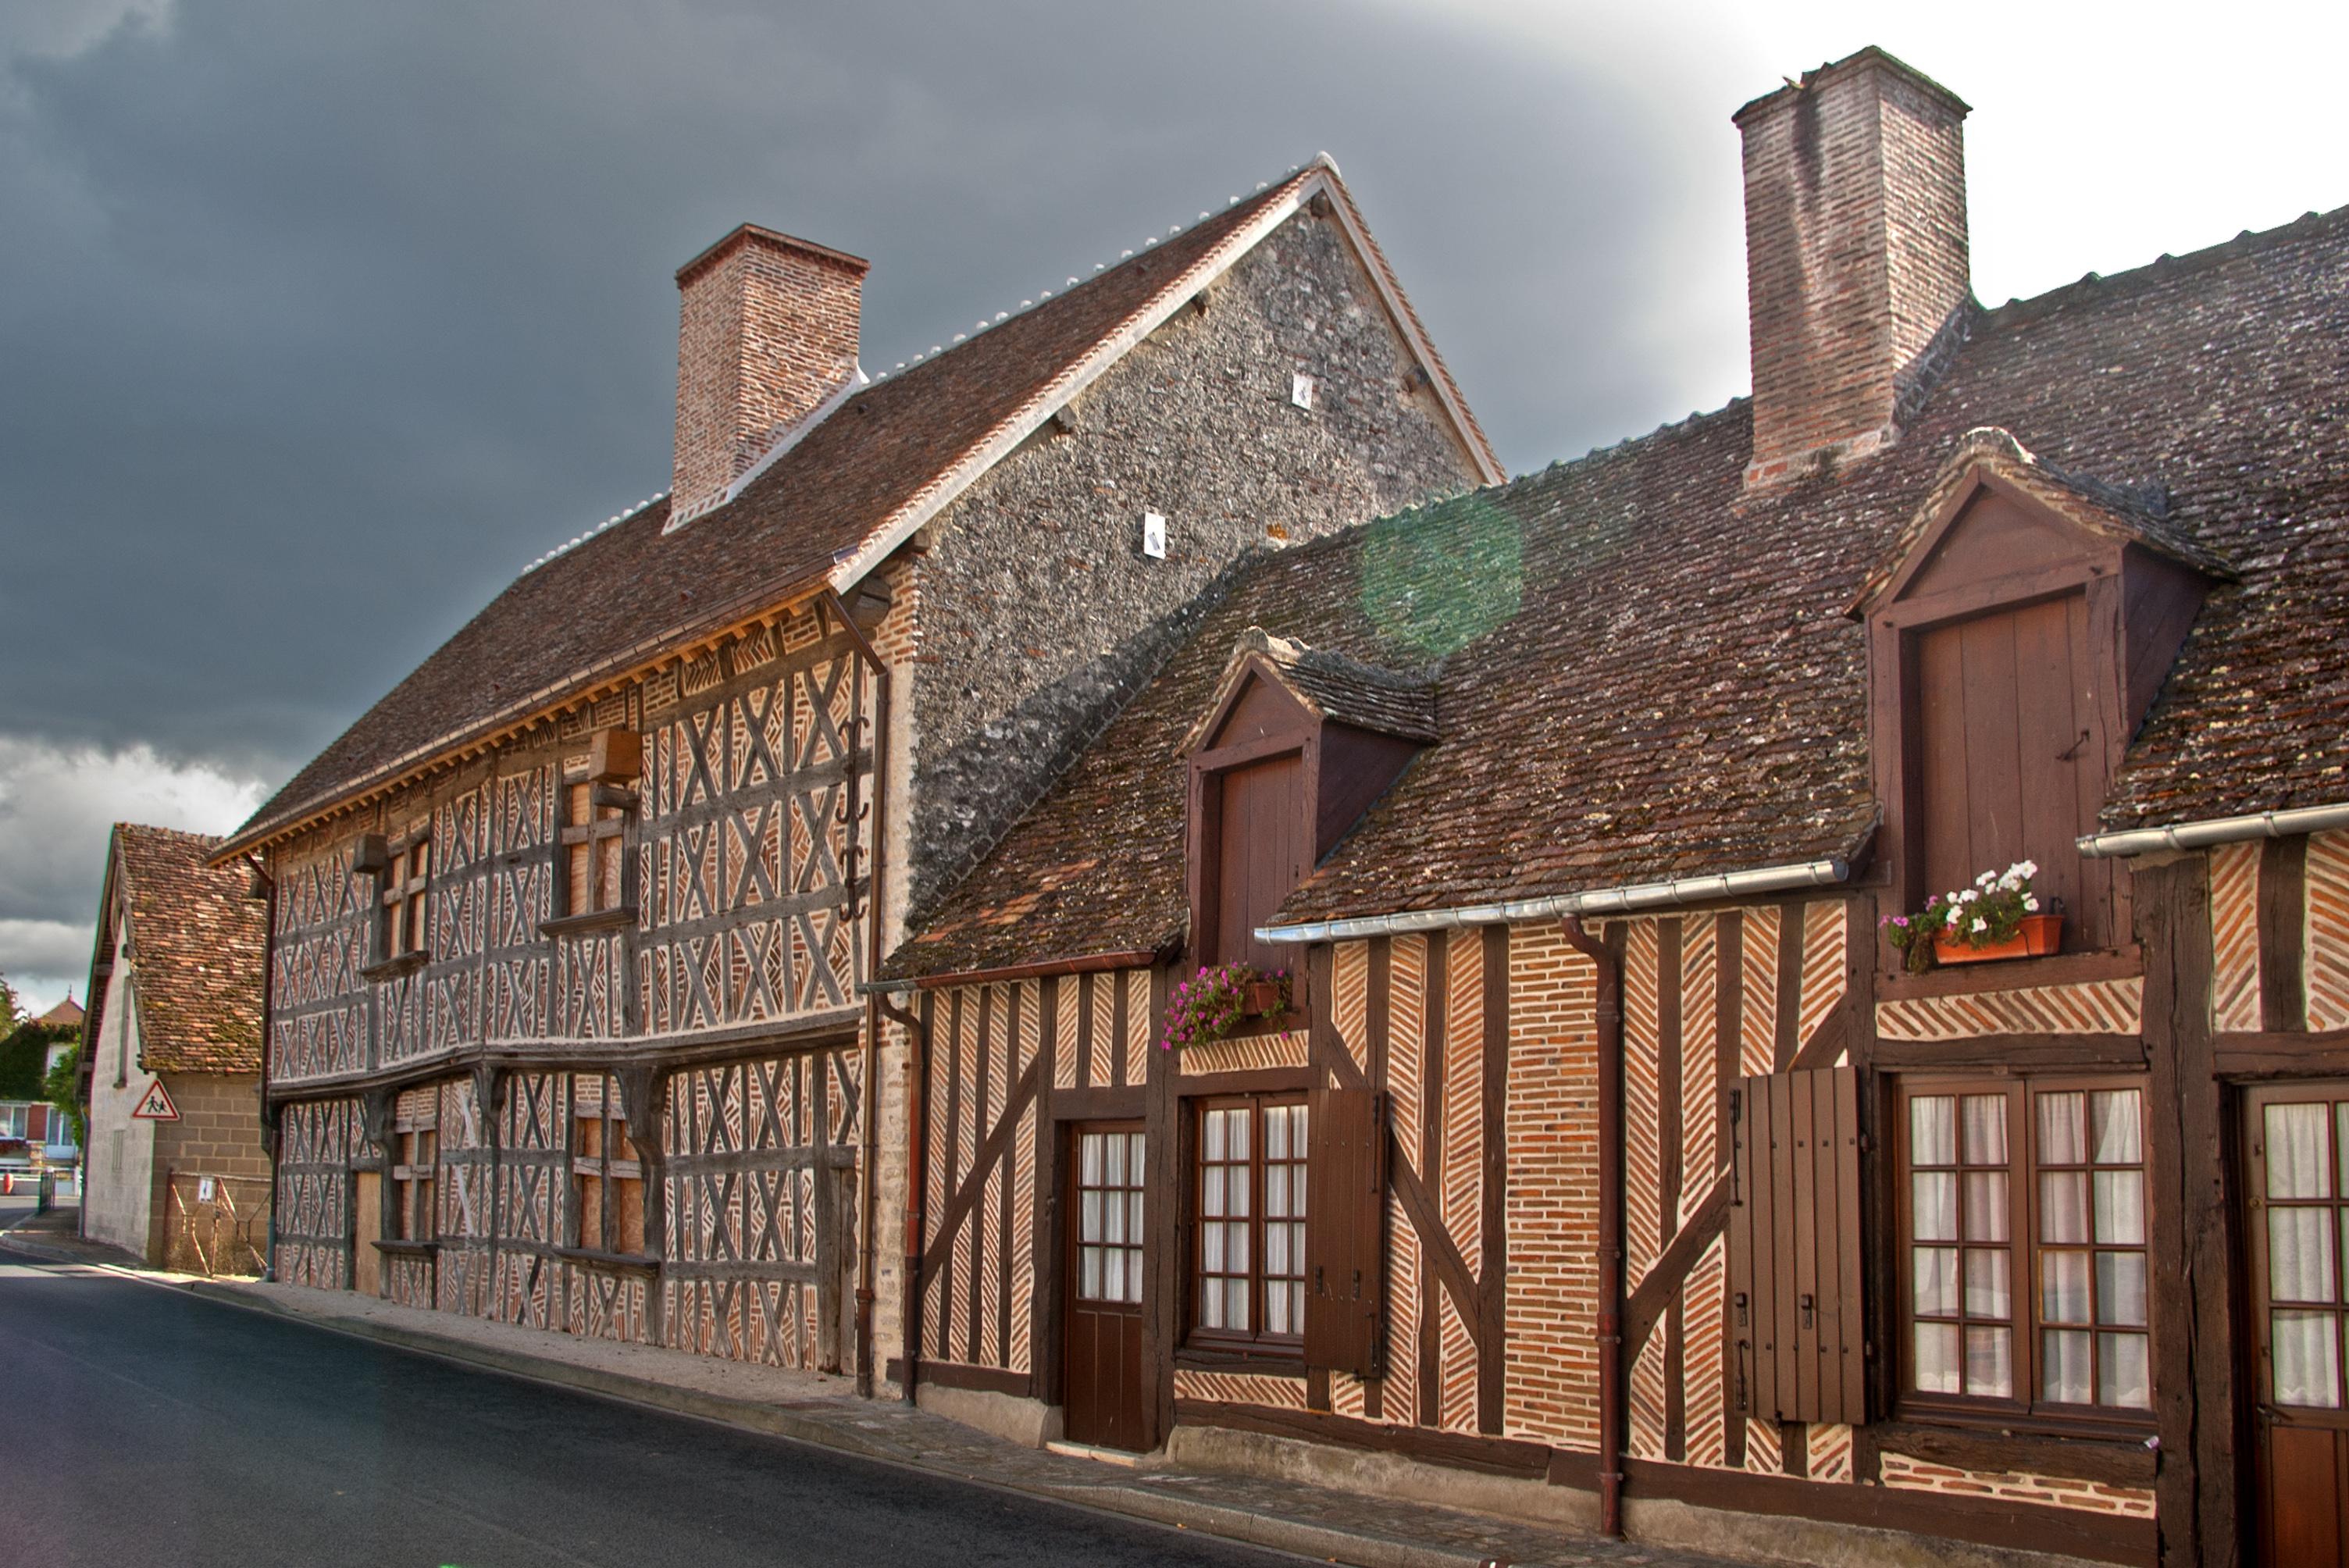 Constructeur Maison En Bois Loir Et Cher file:courmemin (loir-et-cher). (8047895184) - wikimedia